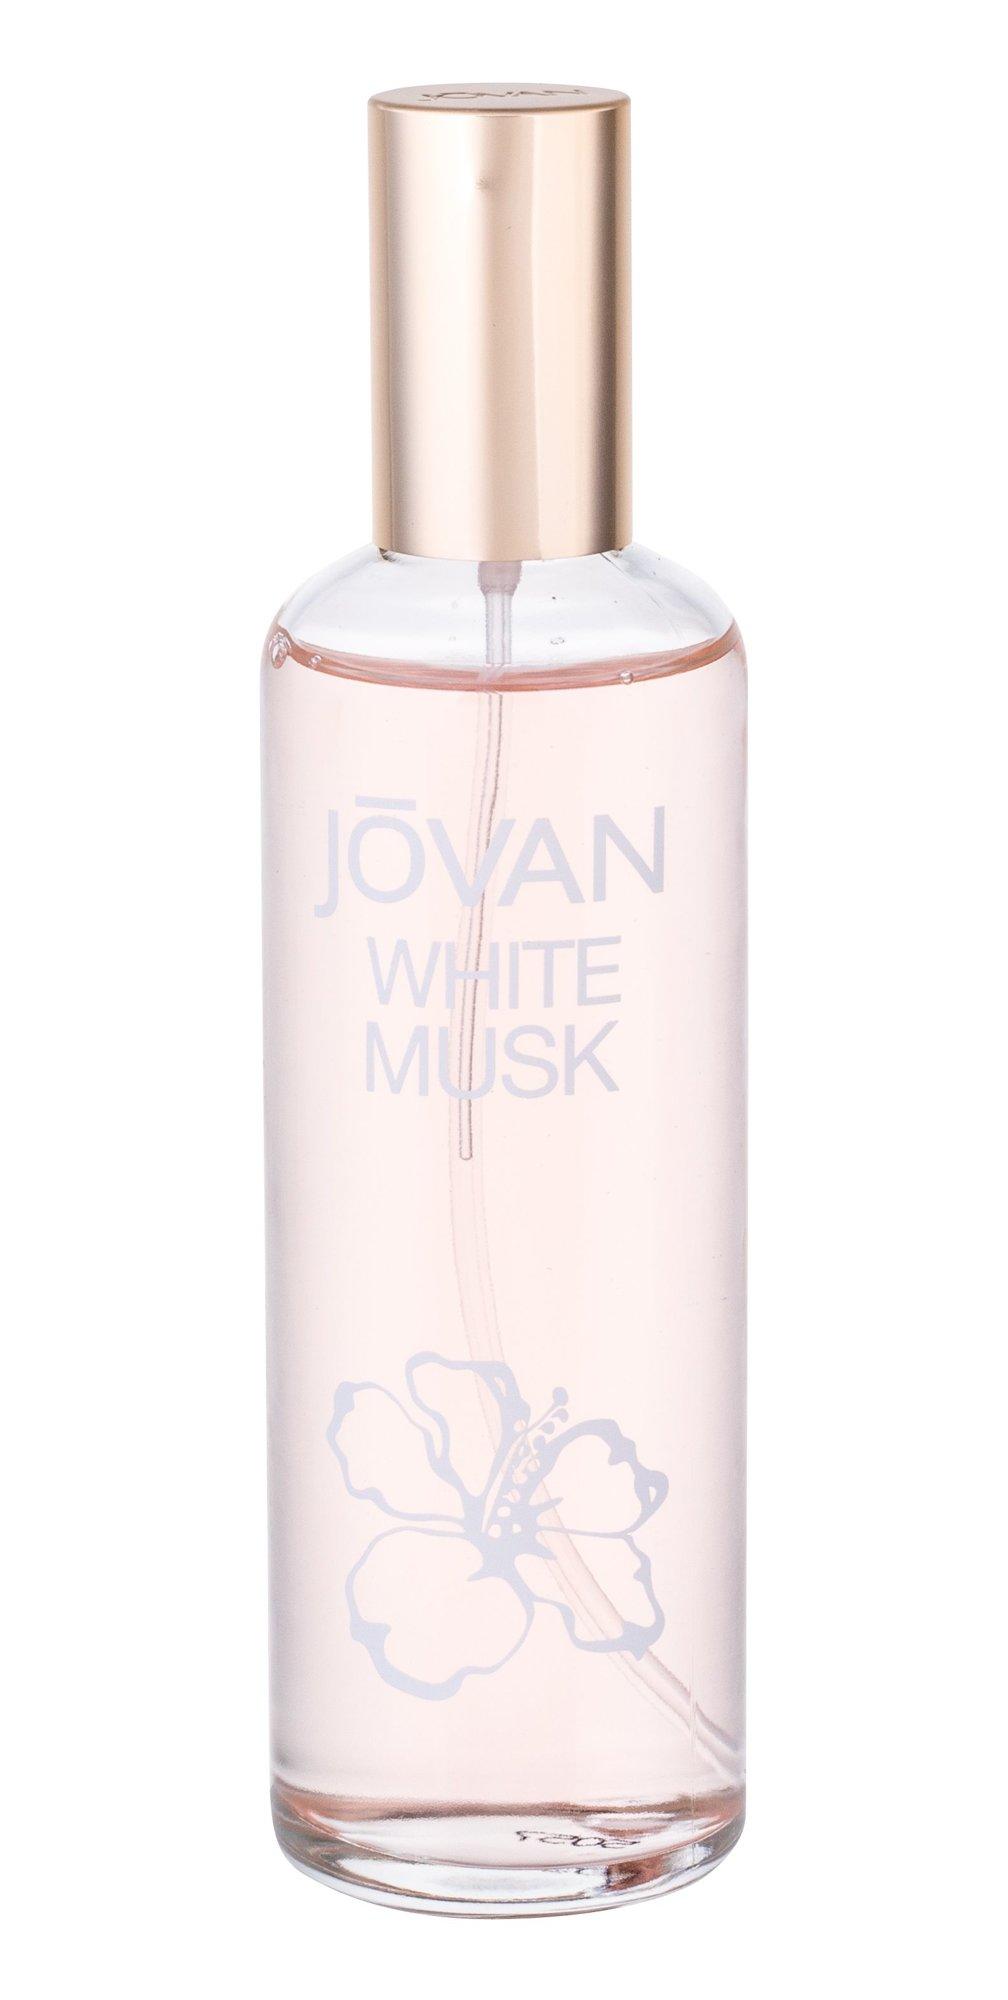 Jovan Musk White For Women Cologne 96ml